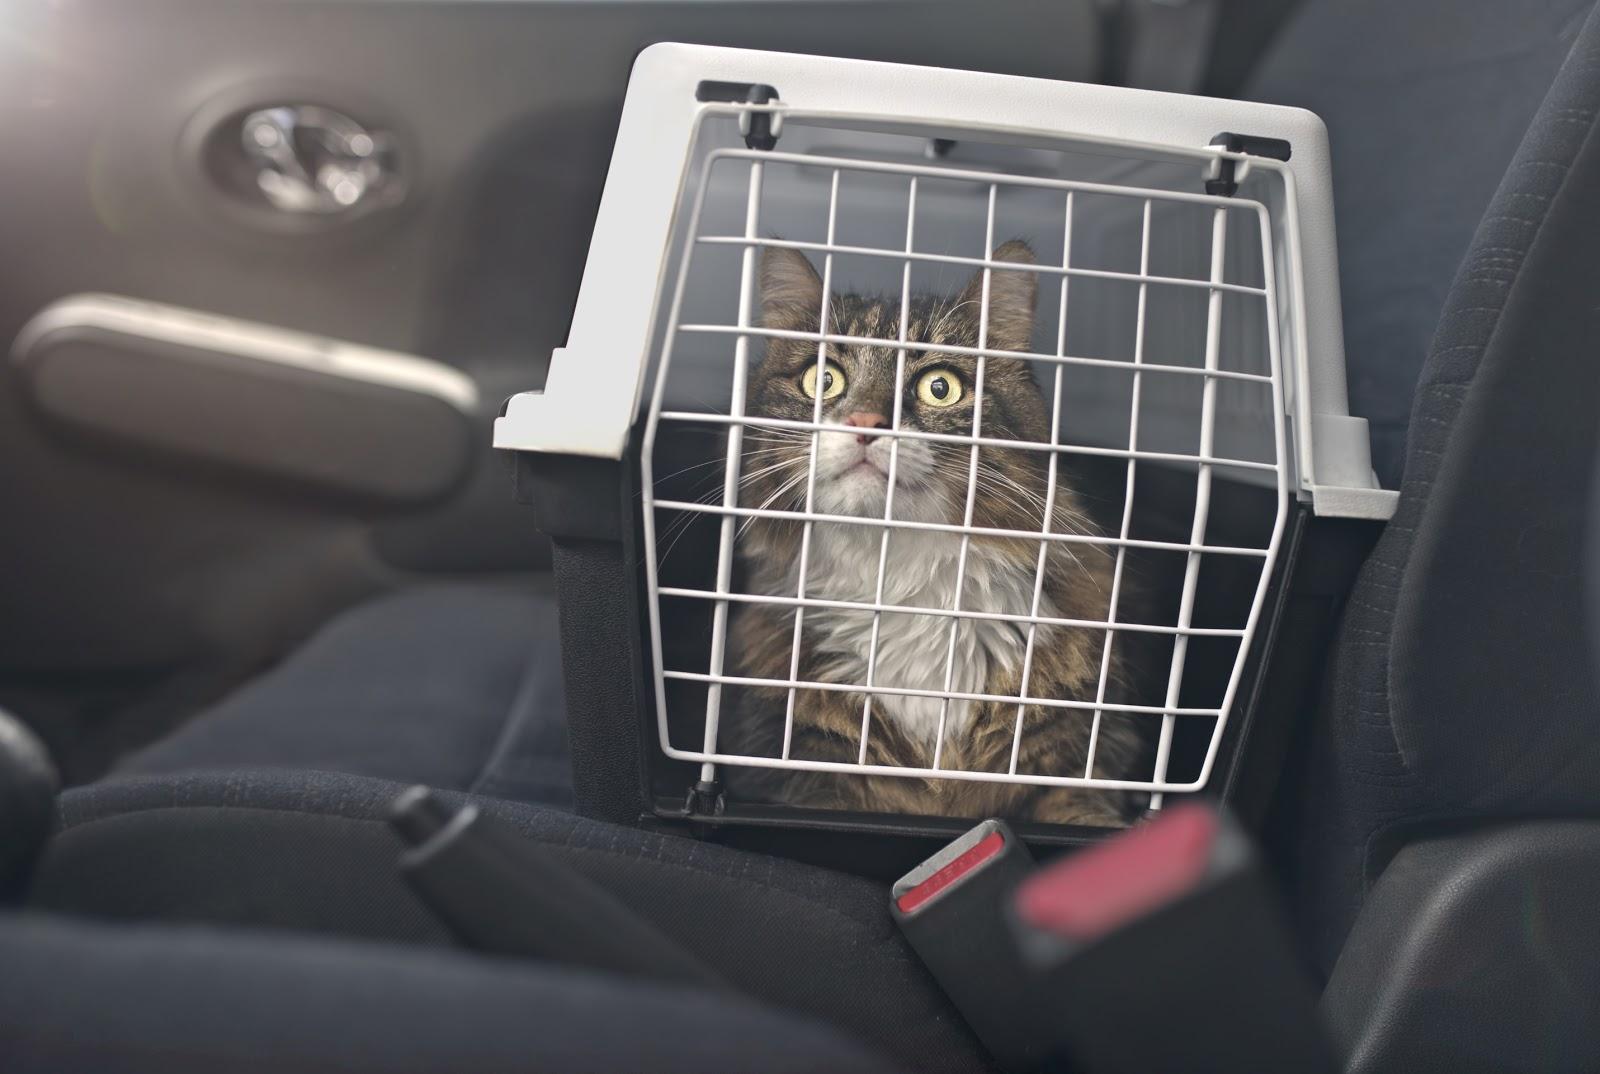 Un gato en una caja en el asiento del pasajero de un coche.